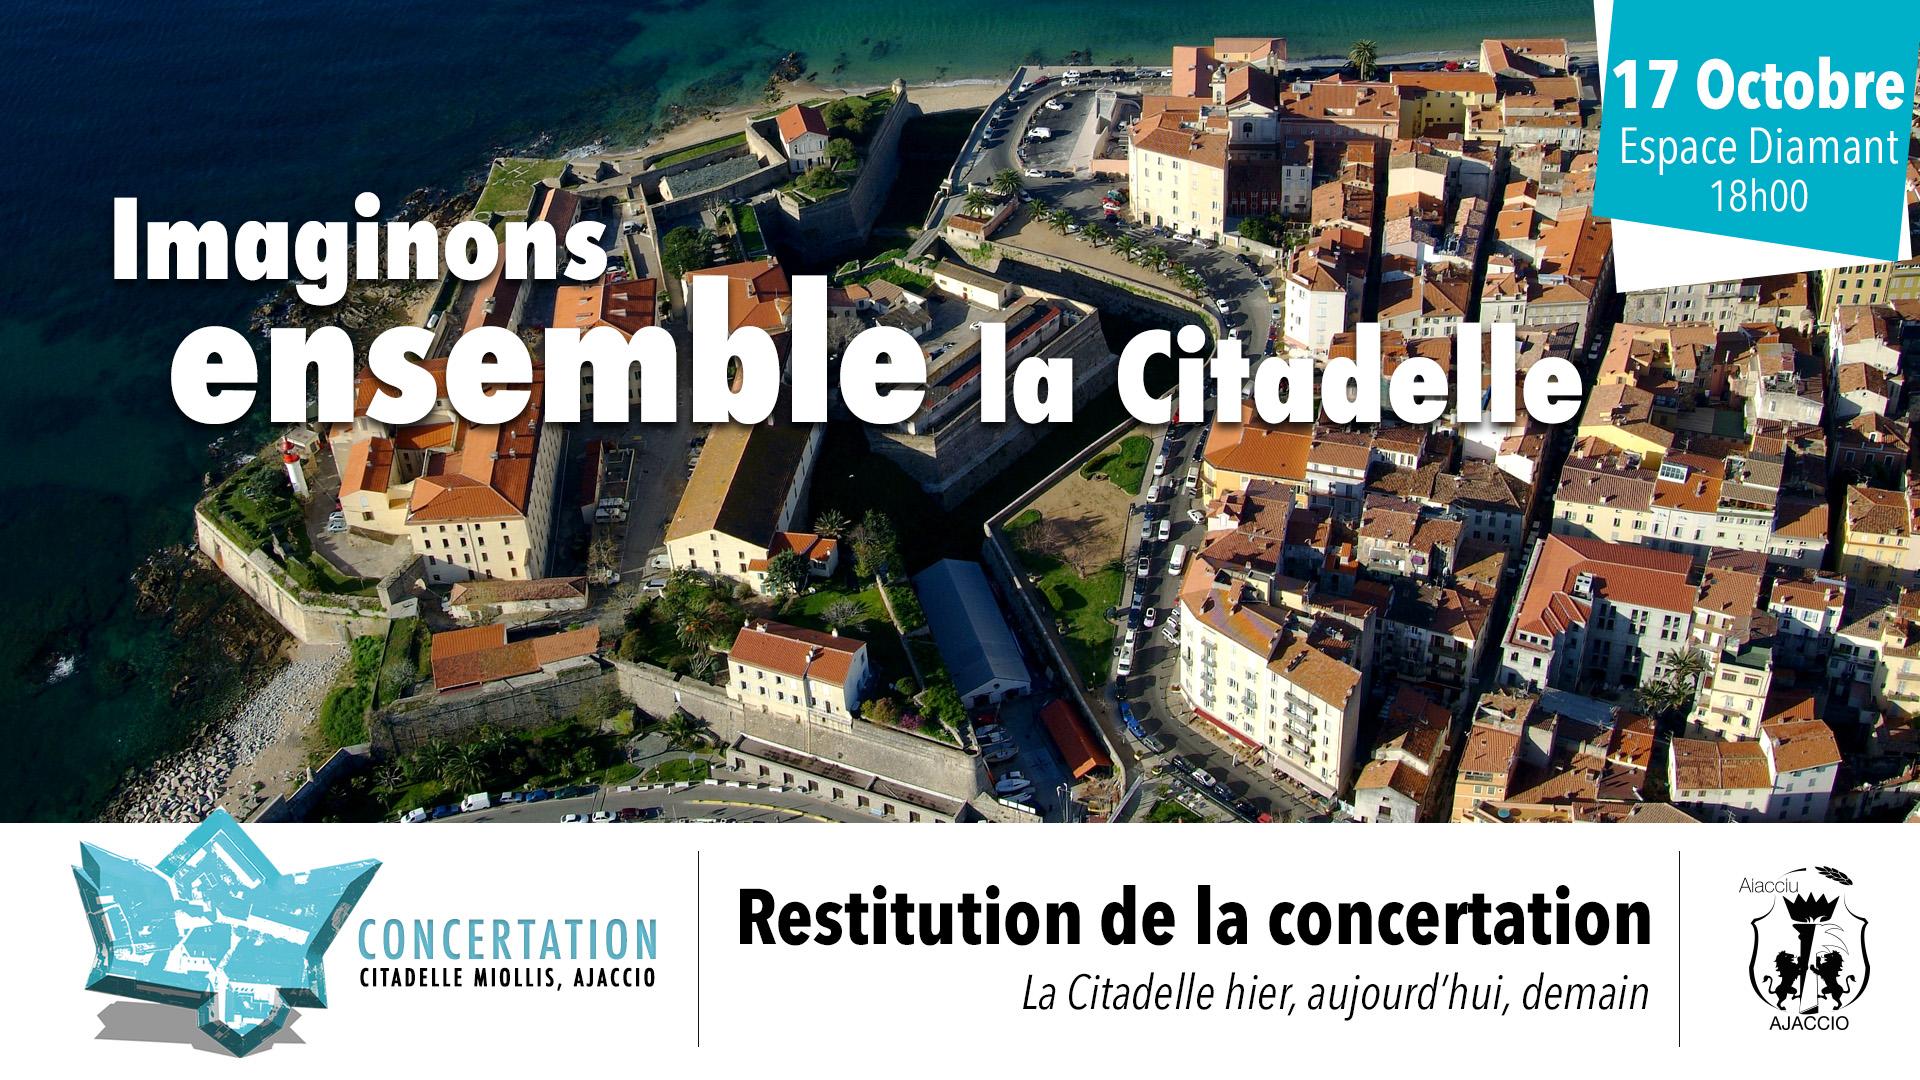 Restitution de la concertation sur la citadelle jeudi 17 octobre à 18h à l'espace diamant